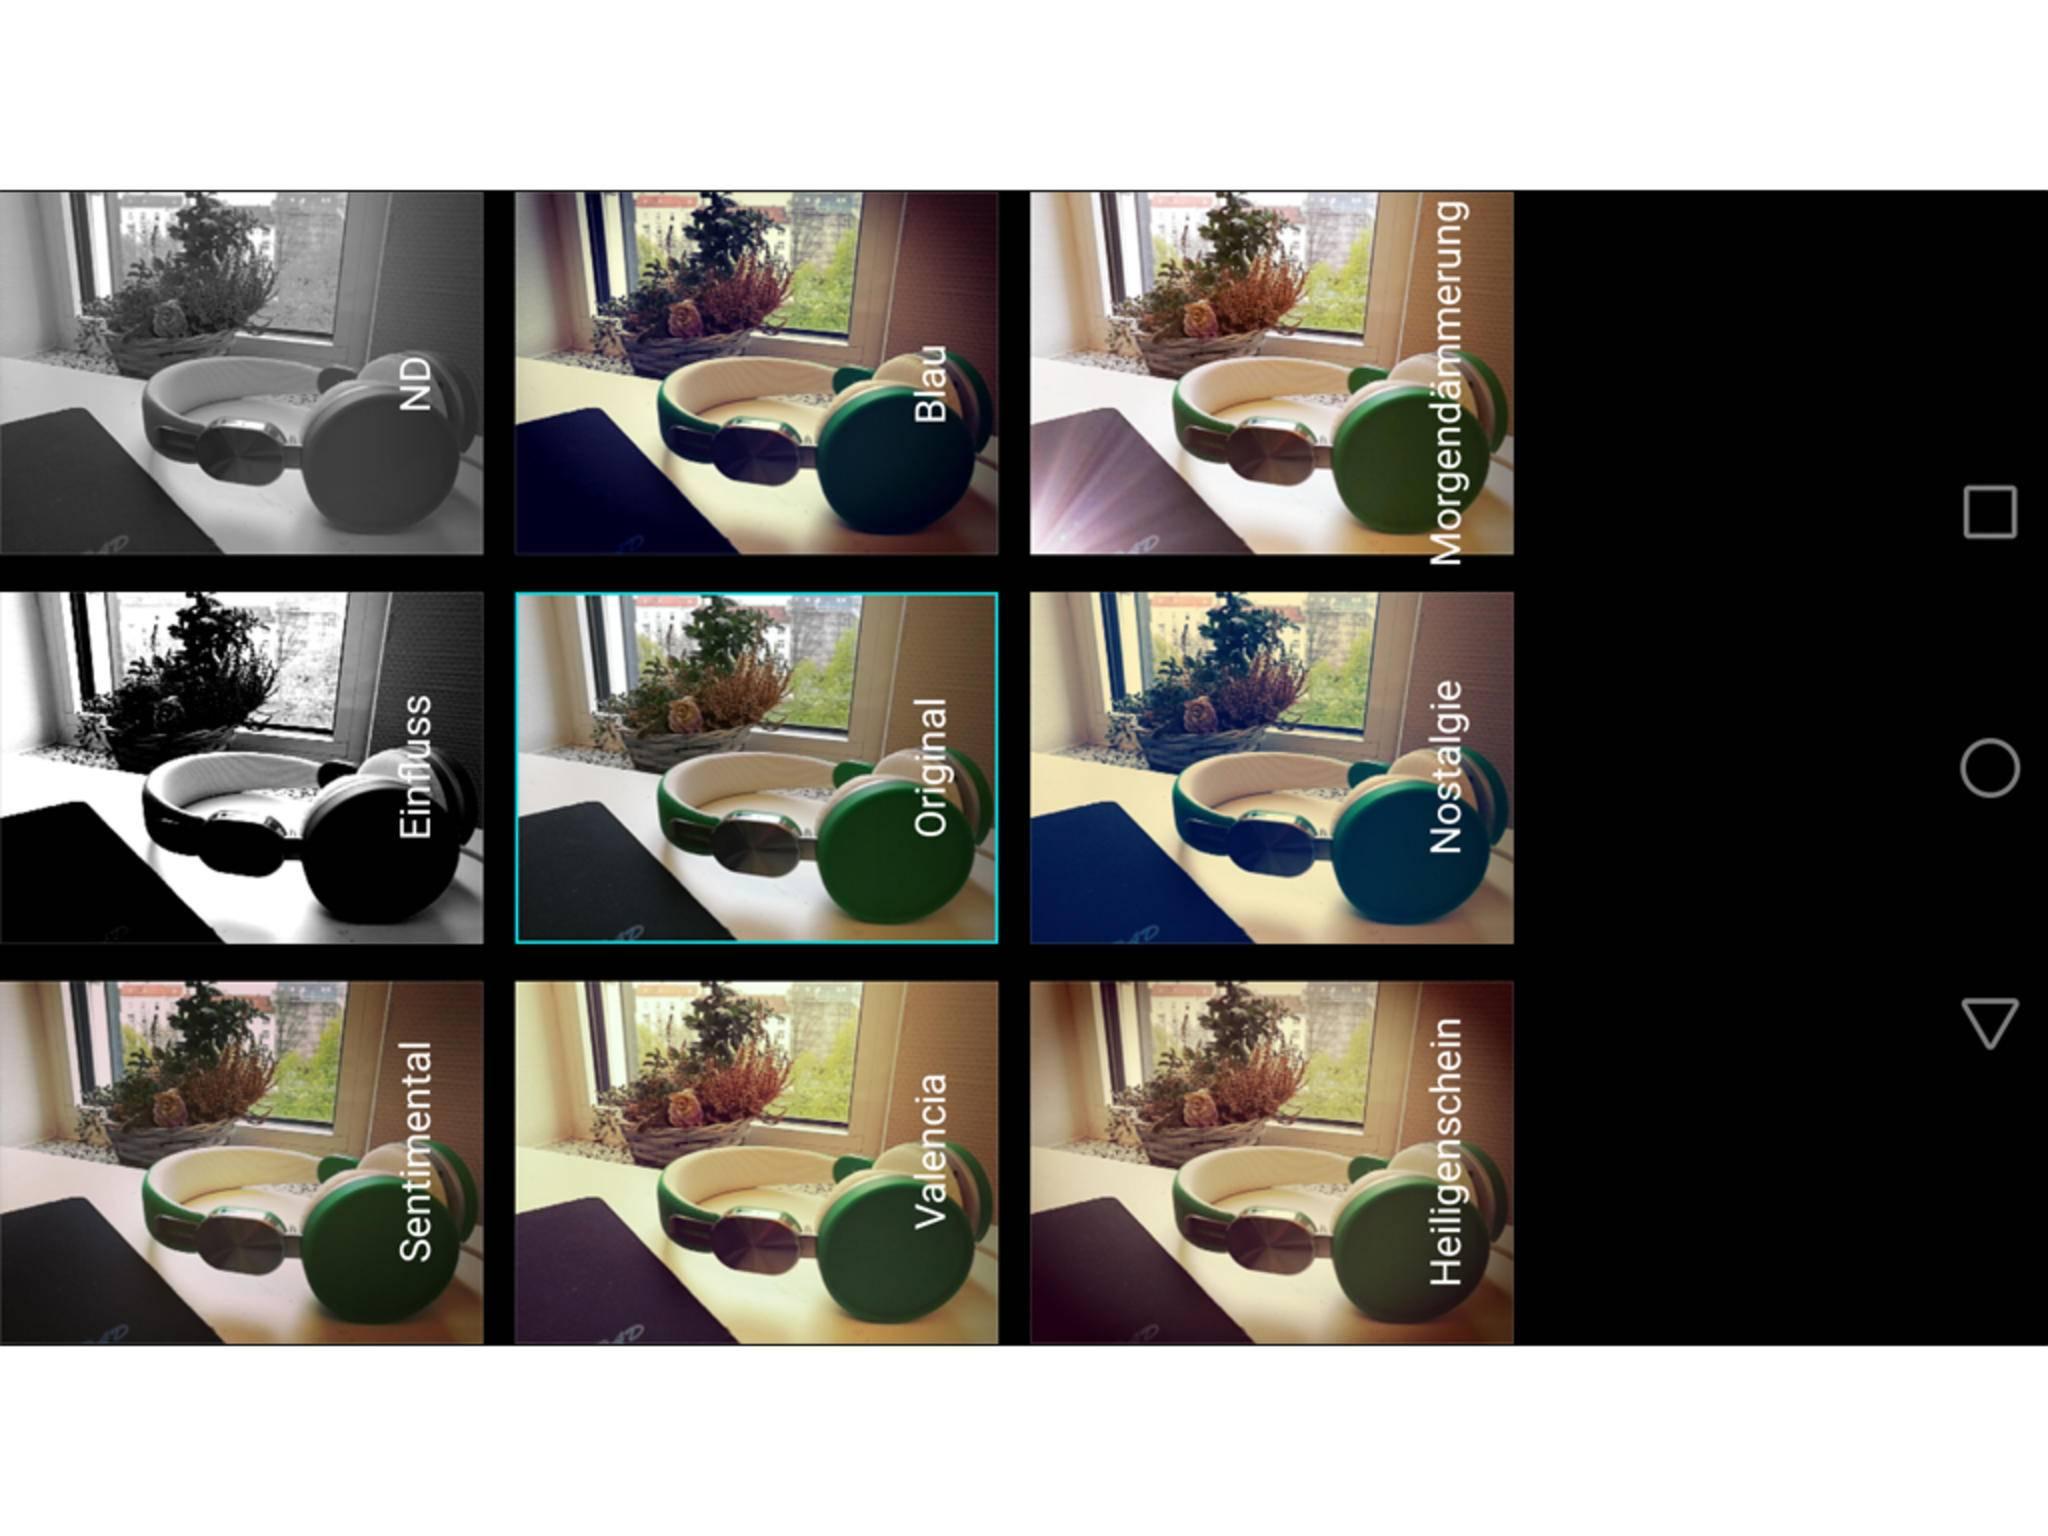 Filtereffekte lassen sich mit Live-Vorschau anwenden.